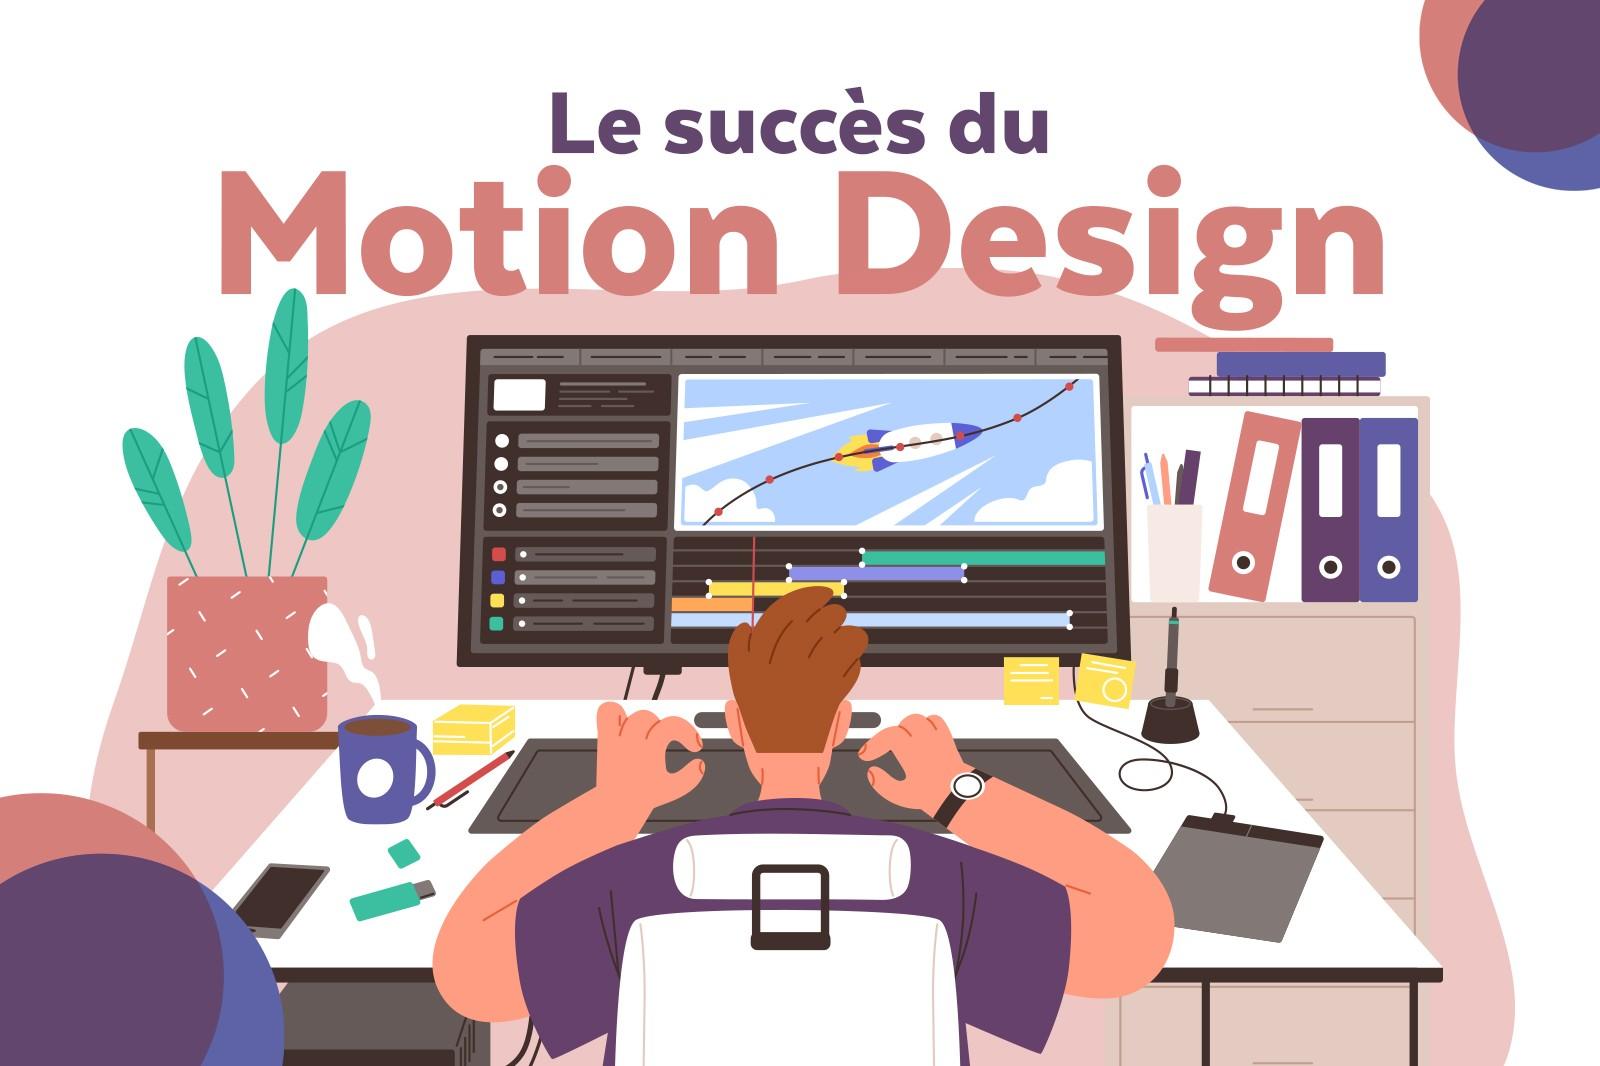 Représentation d'un freelance web qui travaille sur son bureau en explorant le succès du Motion Designer.